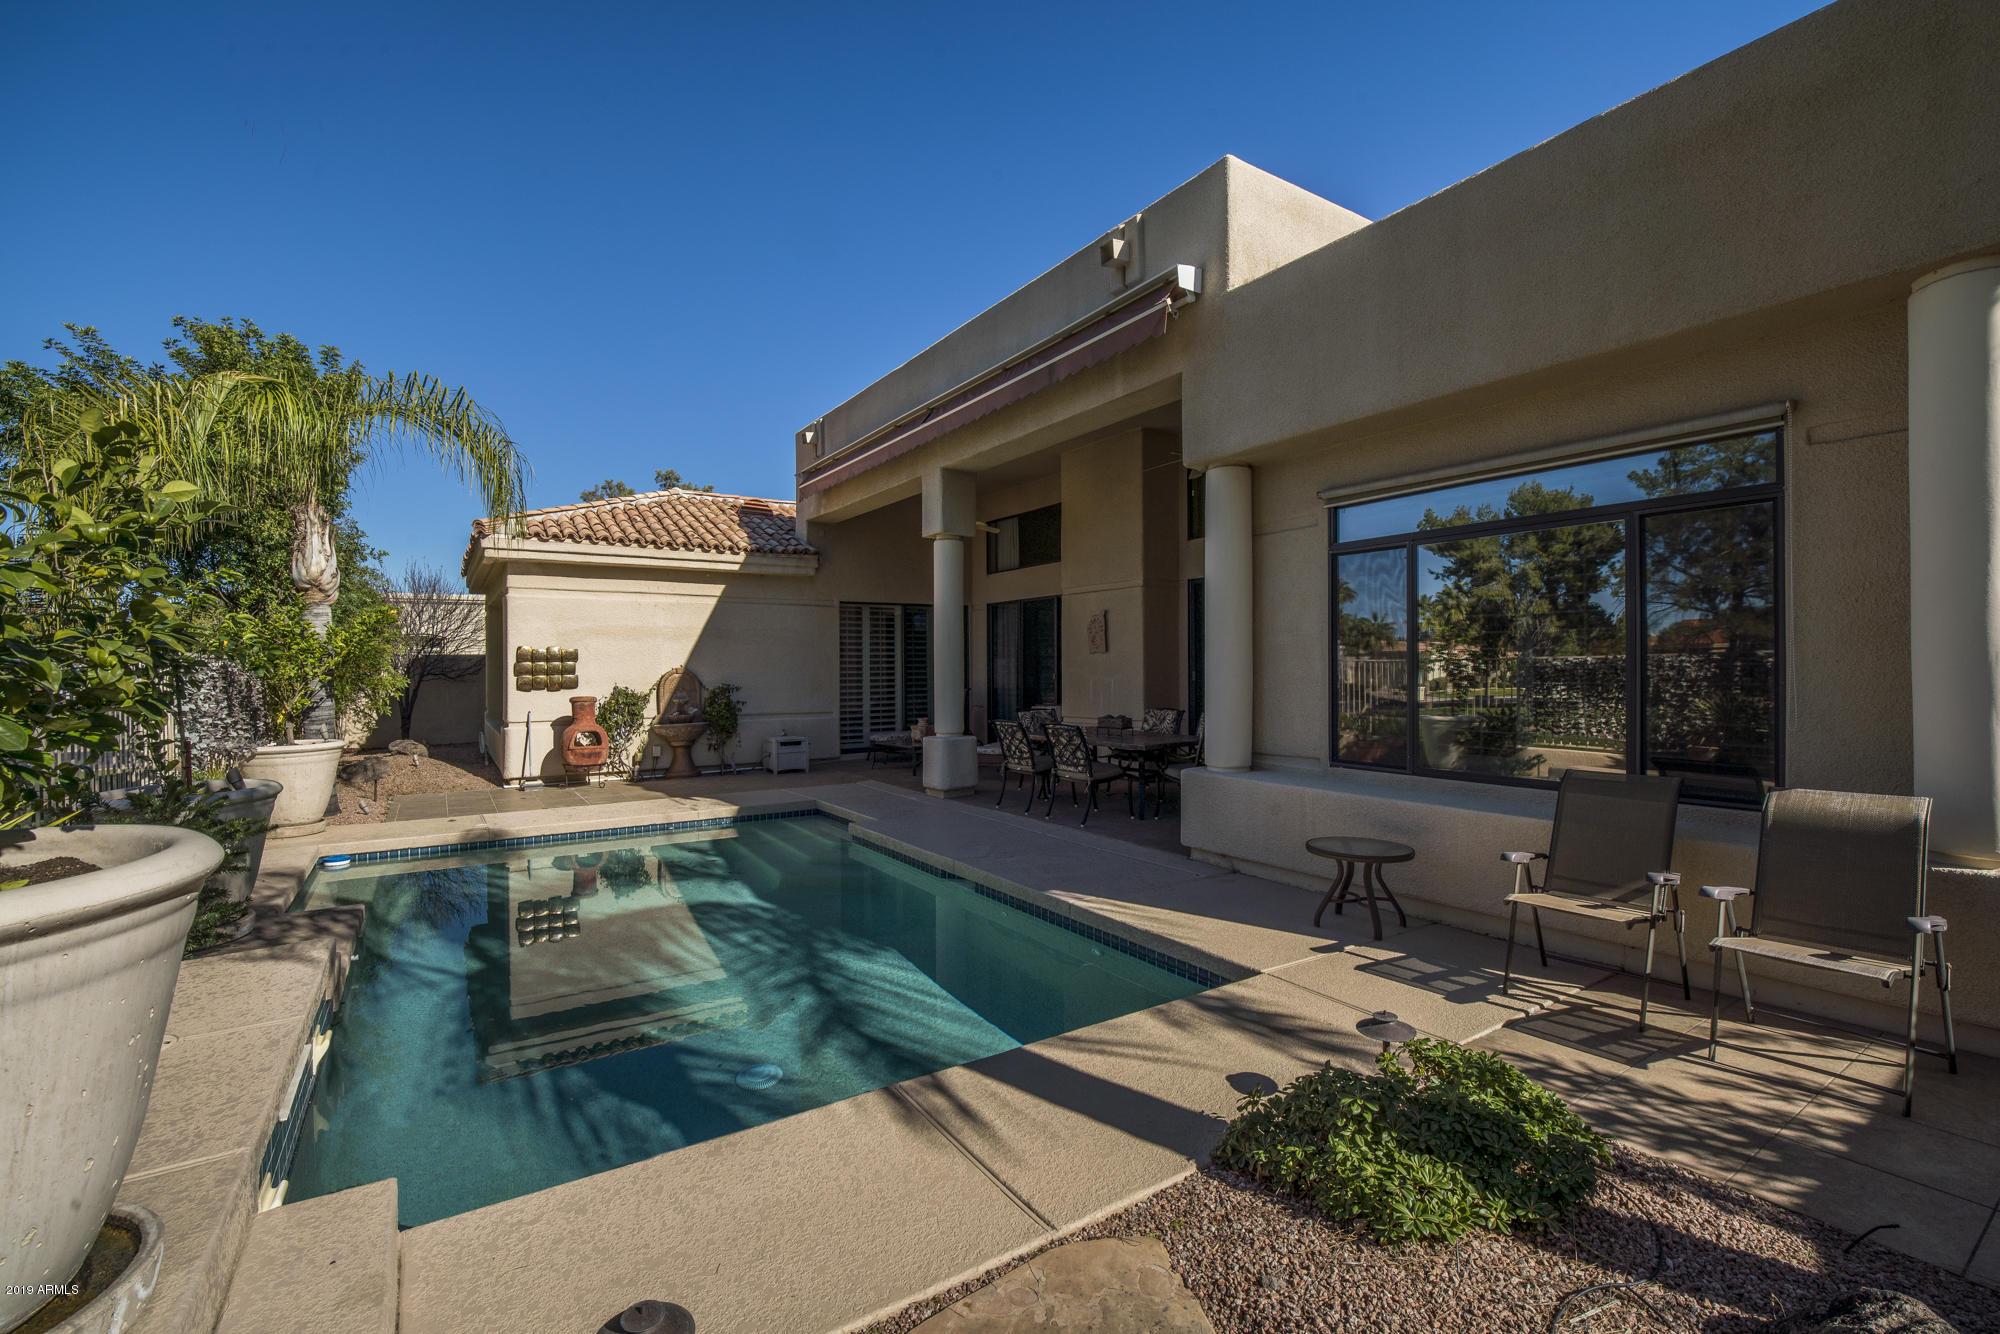 MLS 5873103 12086 N 81ST Street, Scottsdale, AZ 85260 Scottsdale AZ Scottsdale Country Club